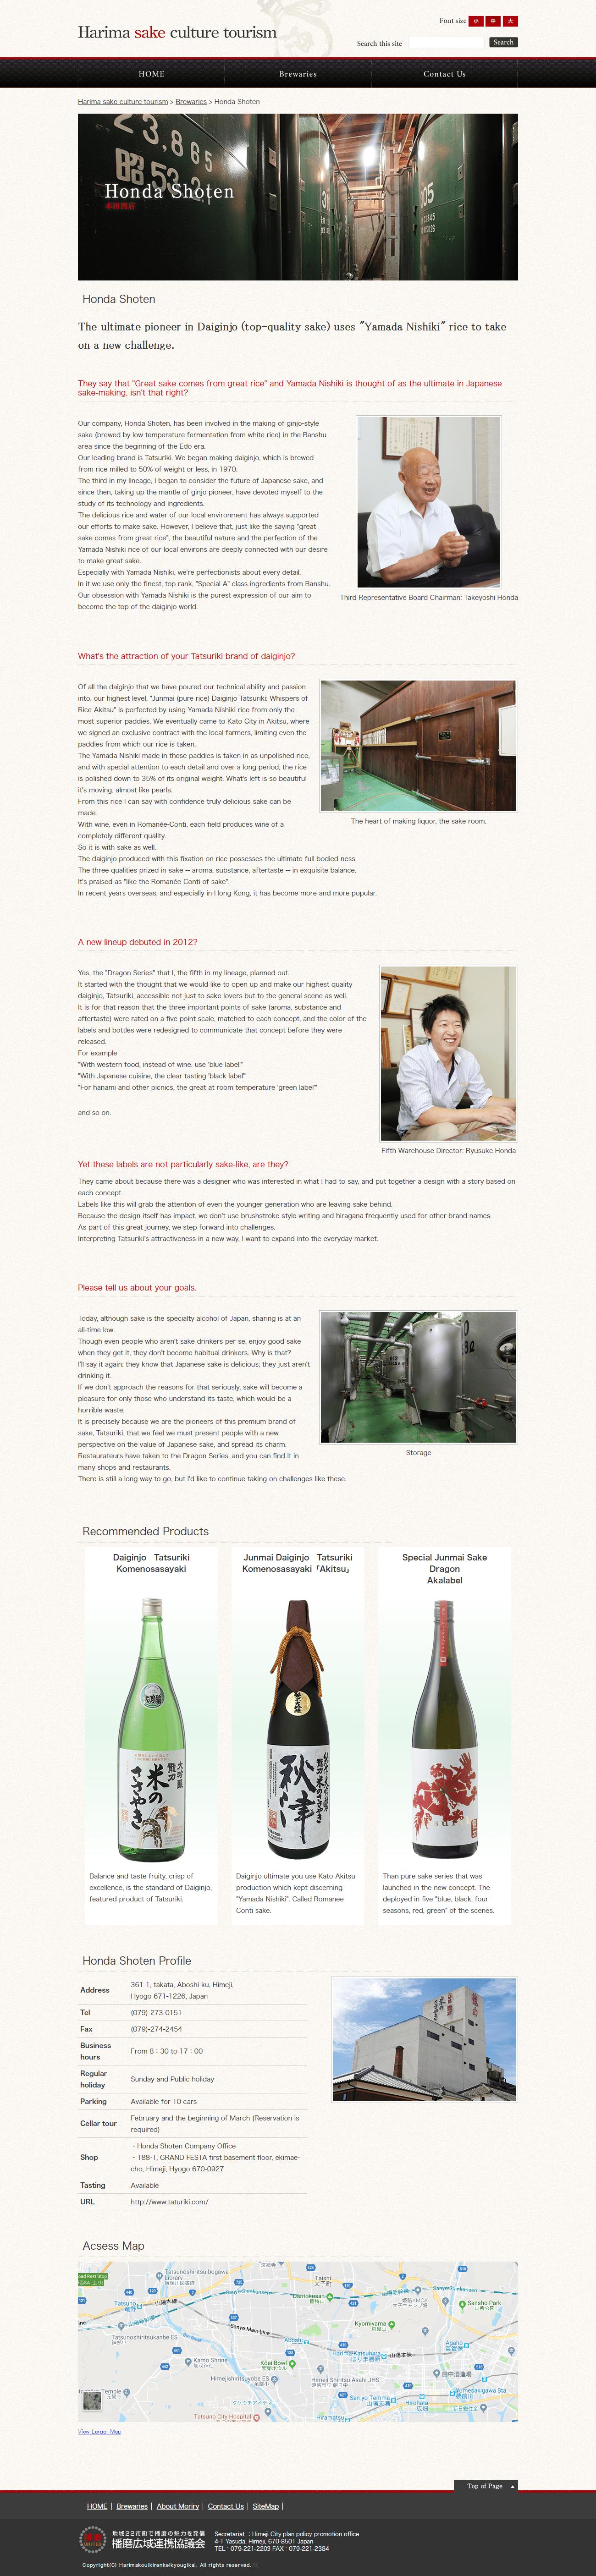 姫路市 播磨広域連携協議会 はりま酒文化ツーリズム 英語サイト2